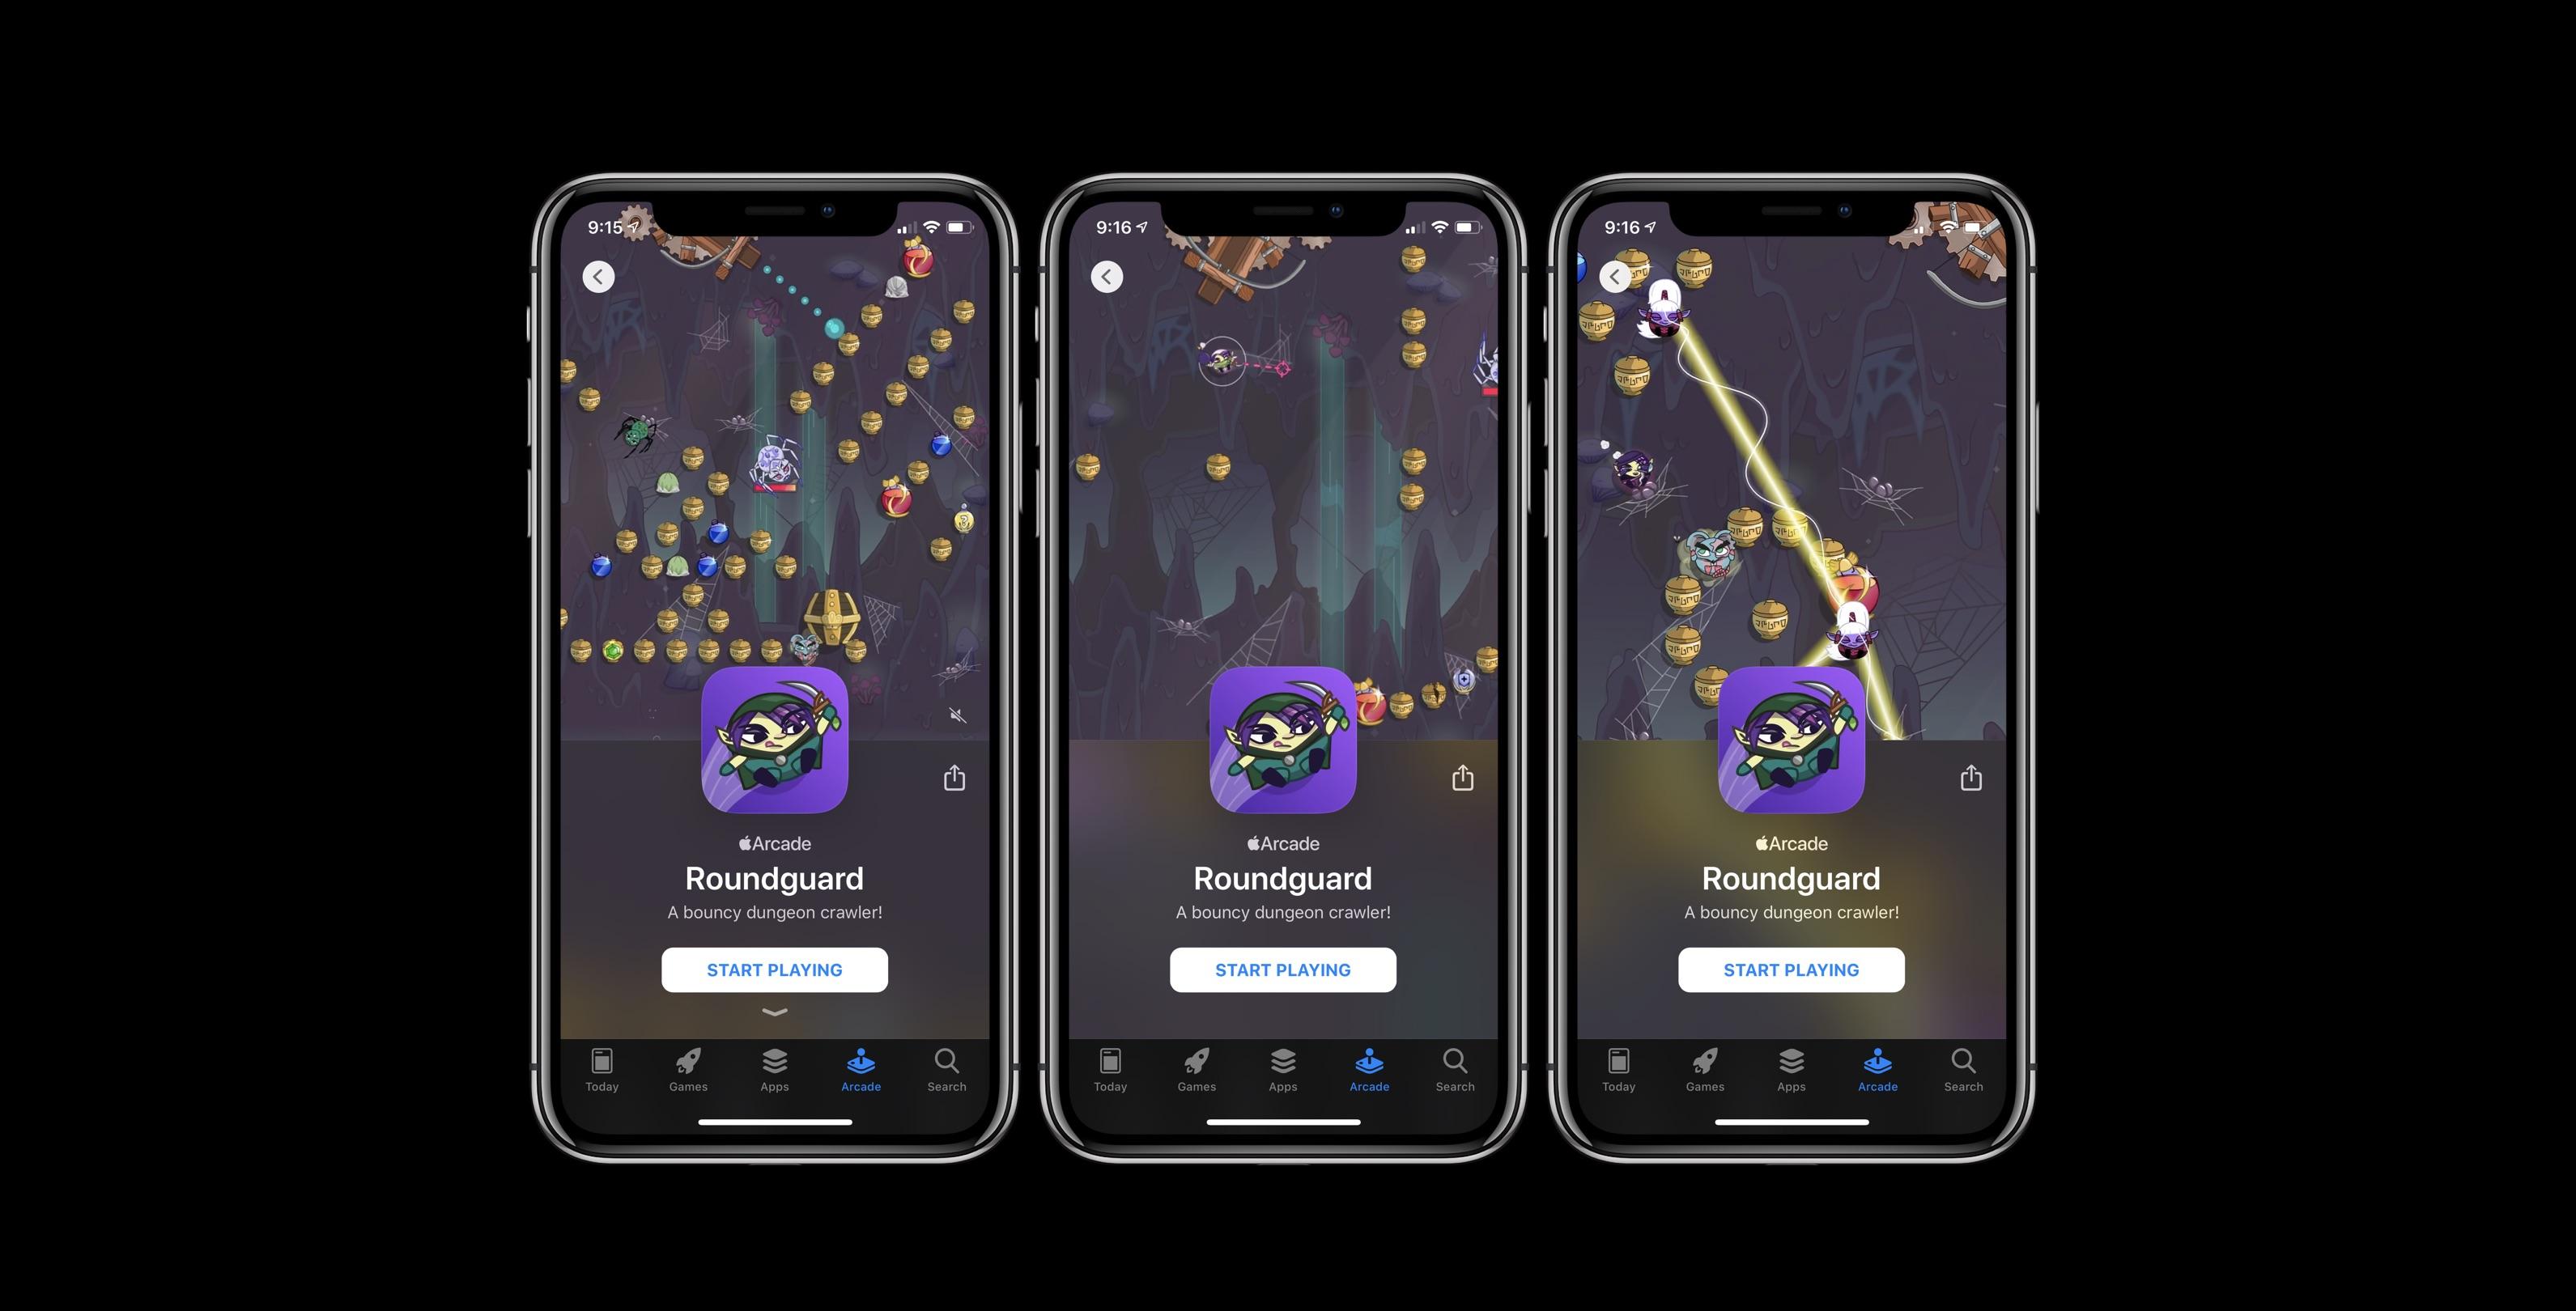 nouveau jeu Apple Arcade Roundguard 3/13